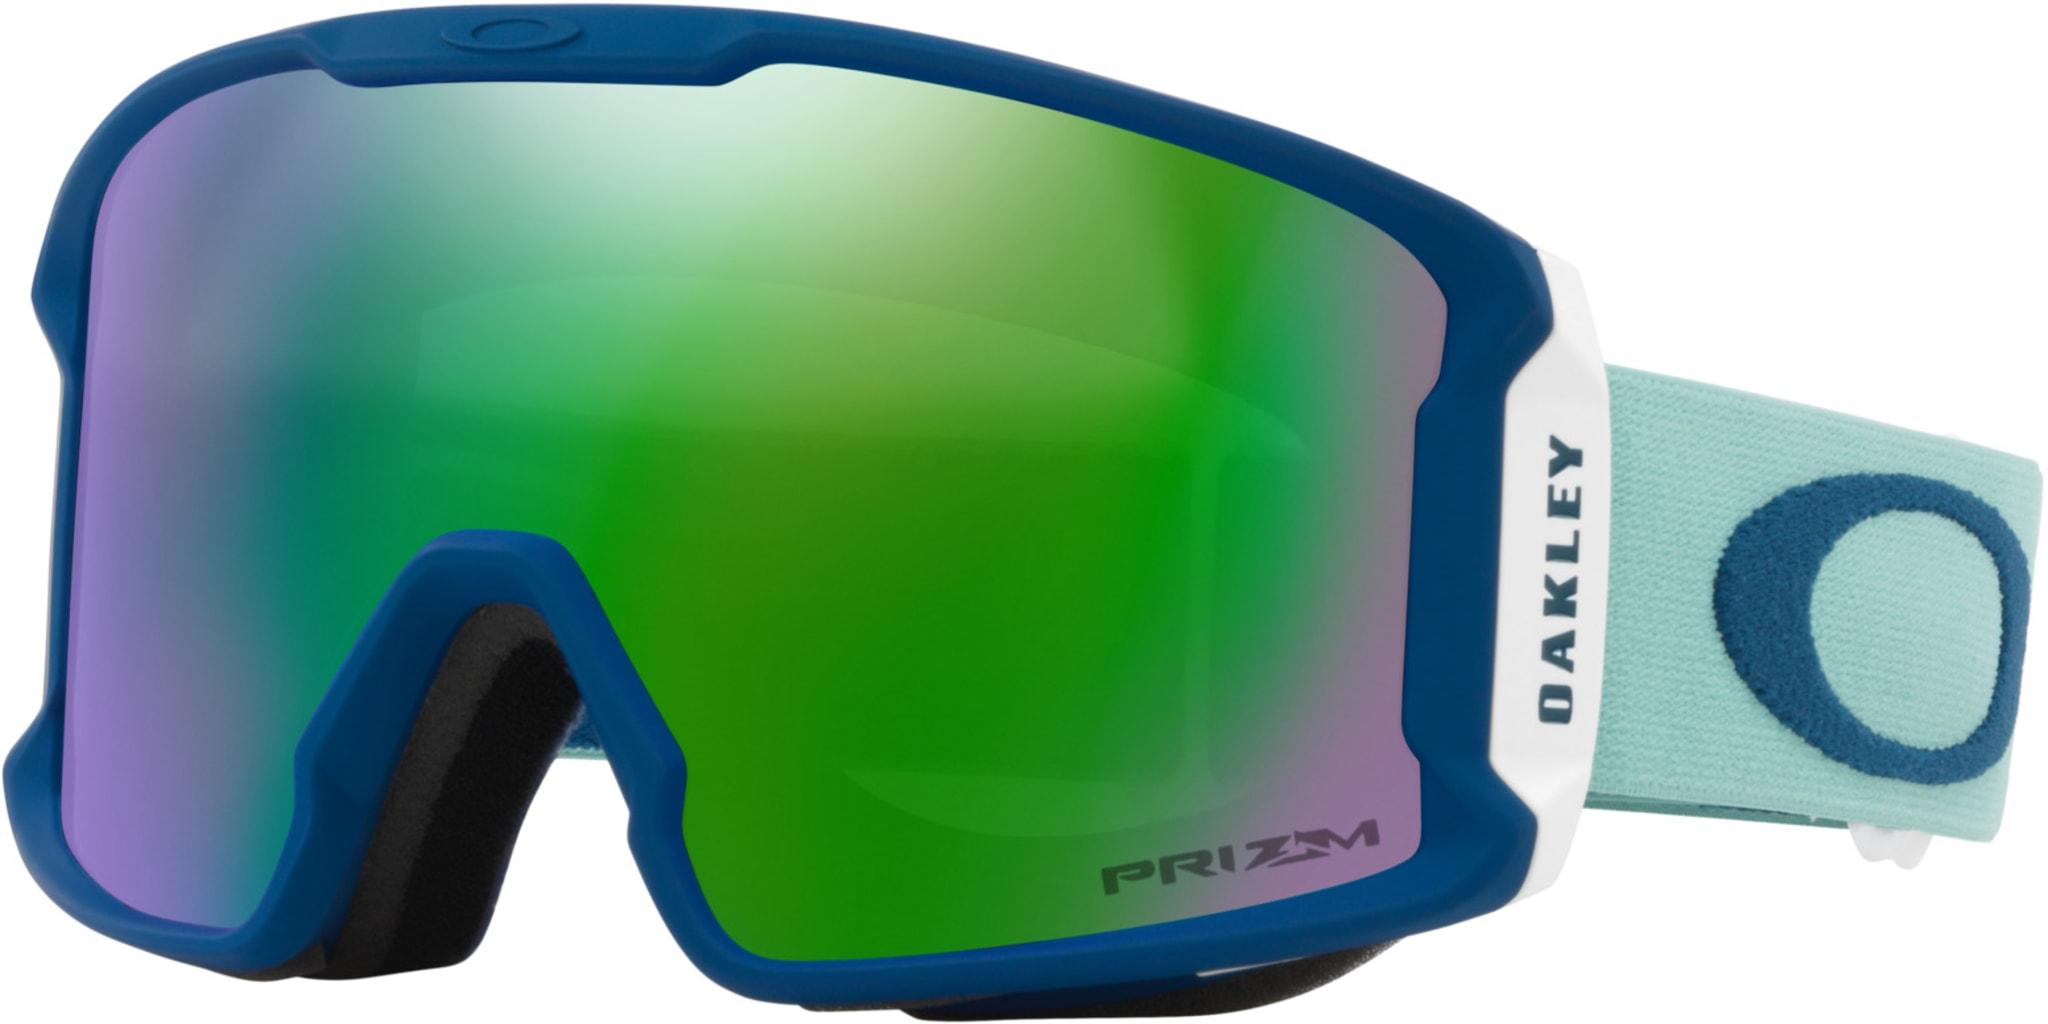 Klassisk og god brille i litt mindre størrelse enn vanlig Line Miner